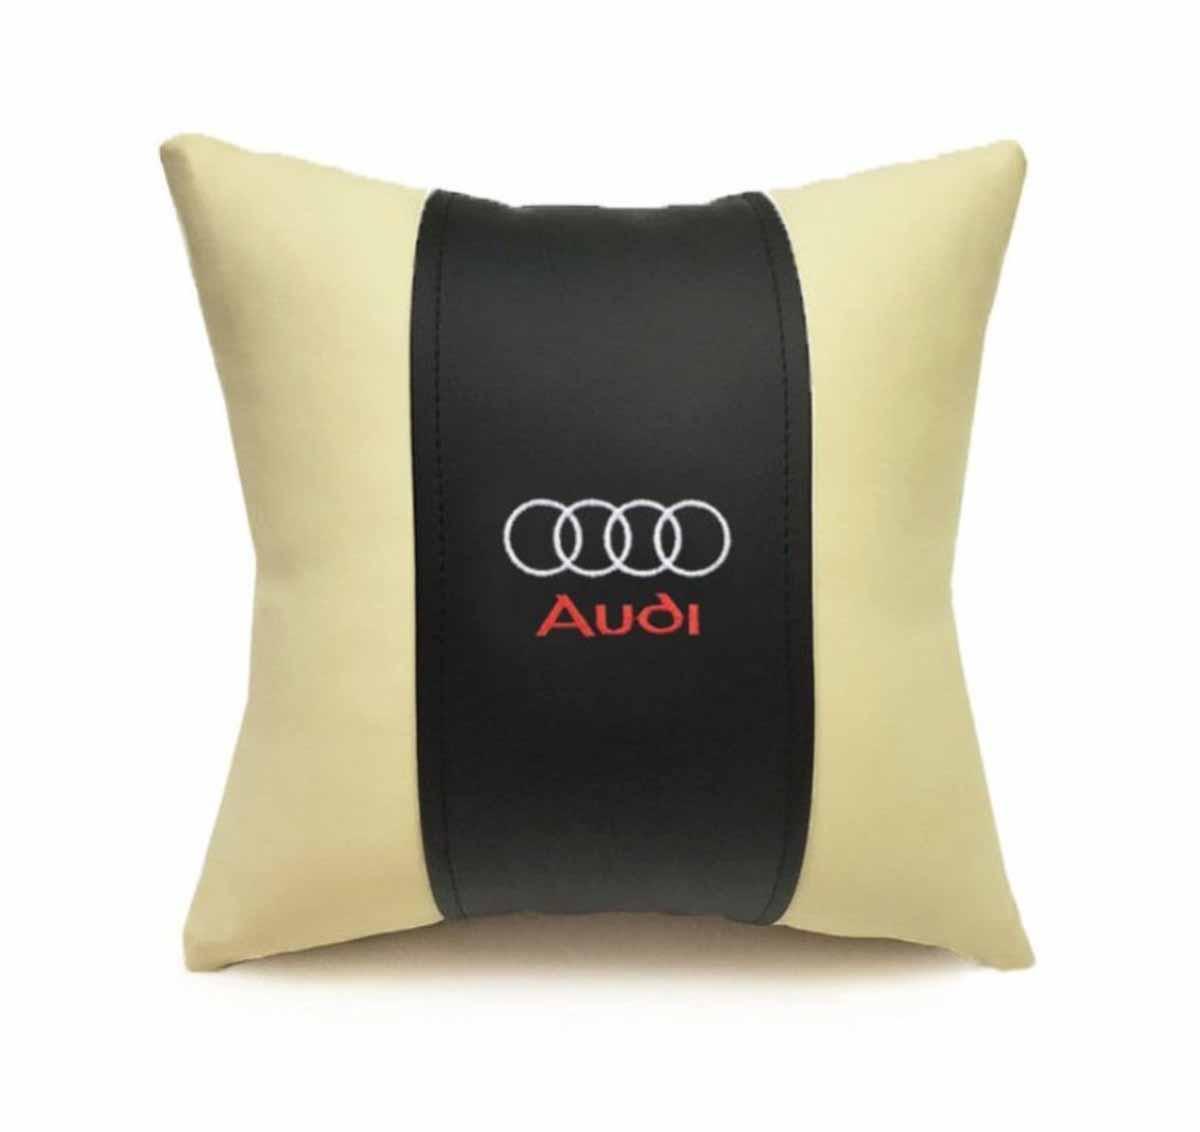 Подушка декоративная Auto premium AUDI, цвет: черно-бежевый. 3704037040Подушка в машину с вышивкой автологотипа - отличное дополнение для салона Вашего авто. Мягкая подушка изготовлена из матовой экокожи будет удобна пассажиру. К тому же не перестанет радовать Вас своим видом. Оптимальный размер подушки (30х30) не загромождает салон автомобиля.